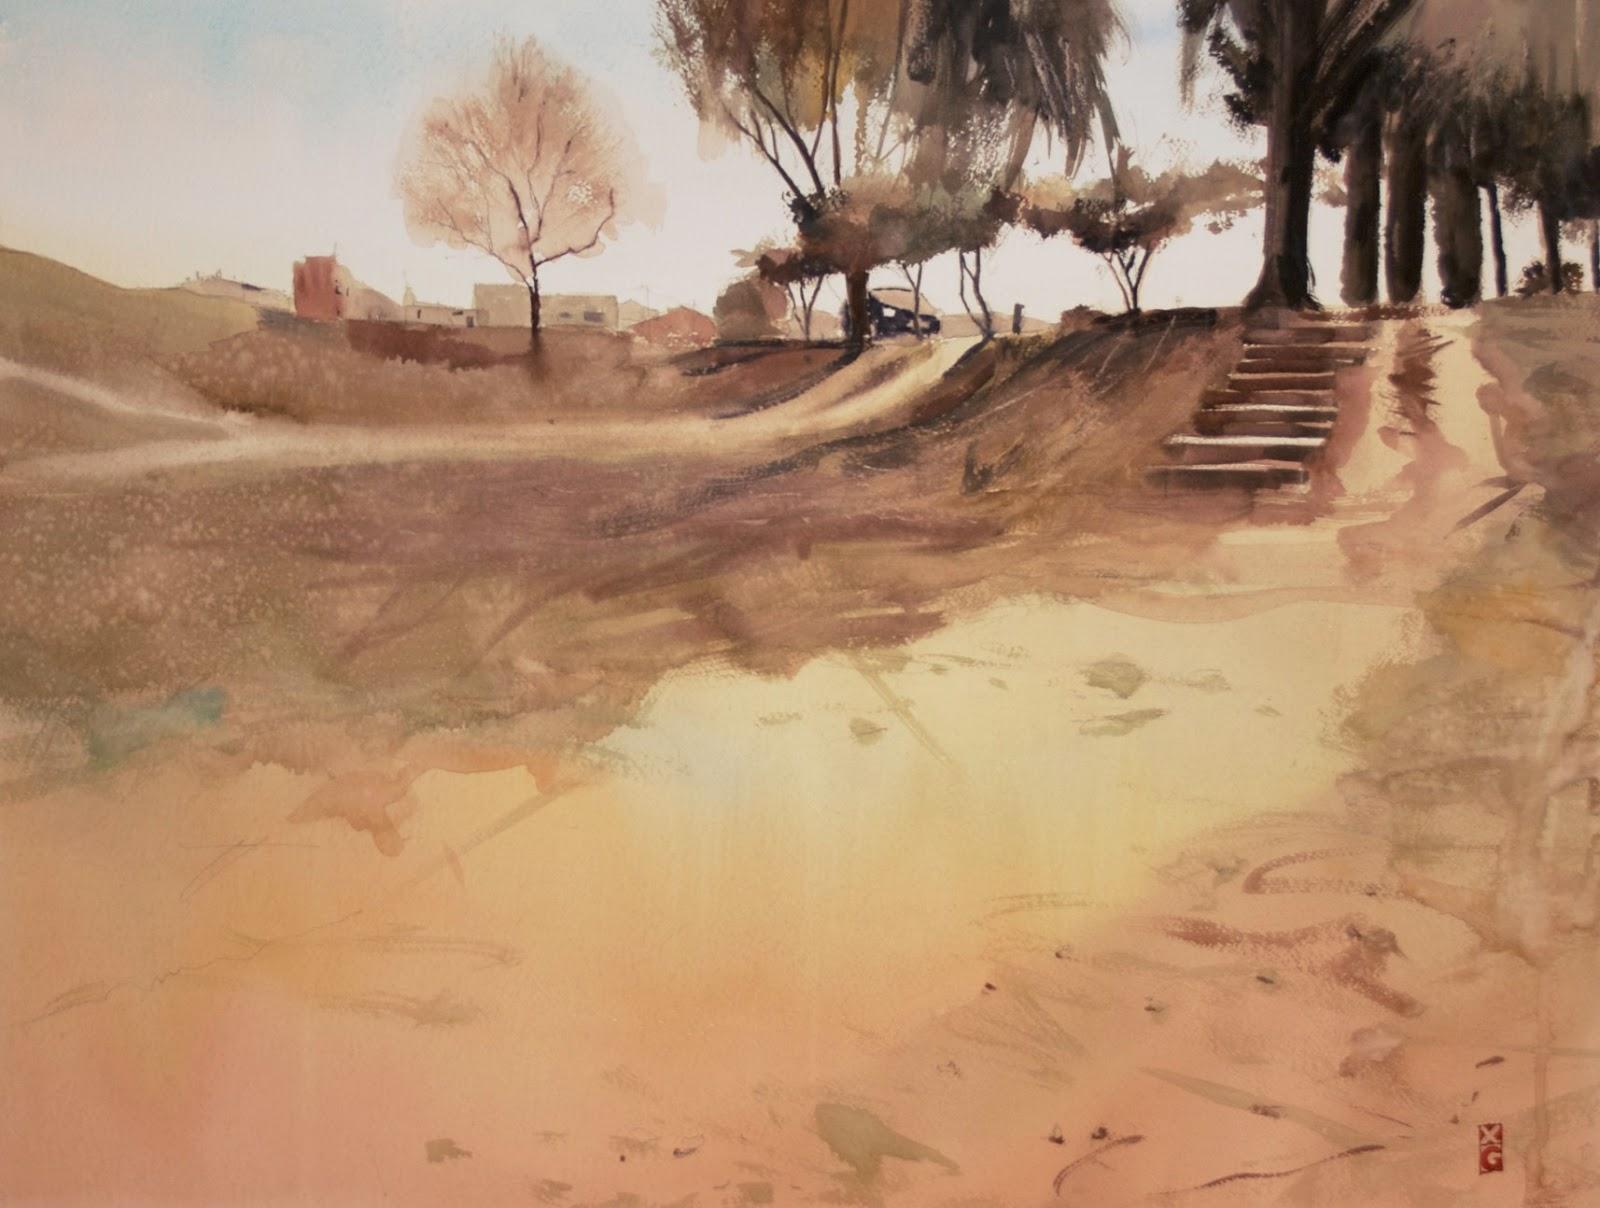 Parc Fluvial Vilanova del Cami, Anoia, Riu Anoia, Igualada, Xavier Gabriel, Xavier Gabriel Puiggòs, aquarel·la, watercolour